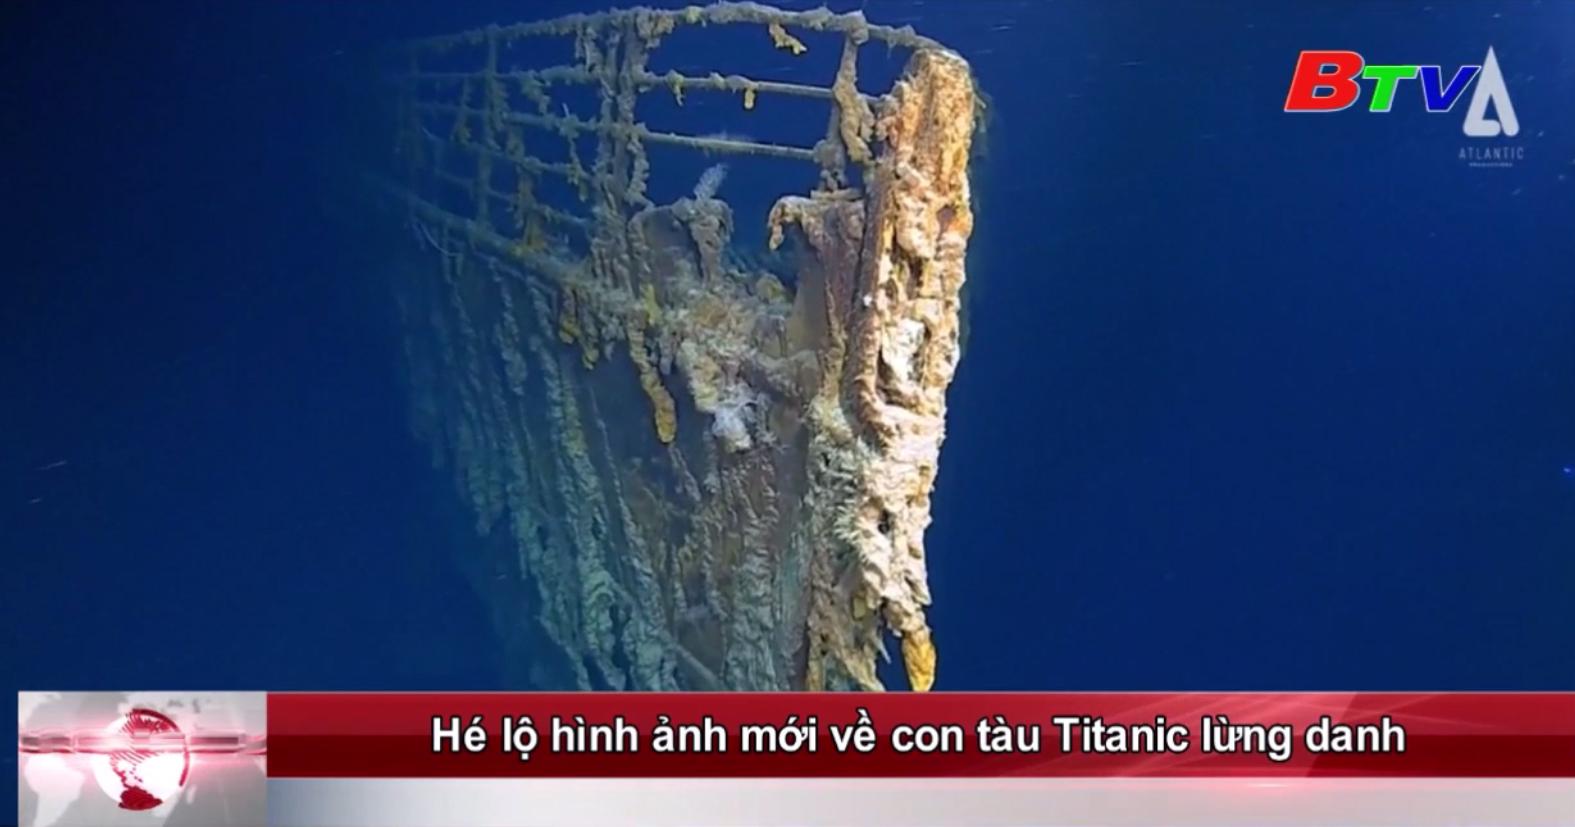 Hé lộ hình ảnh mới về con tàu Titanic lừng danh